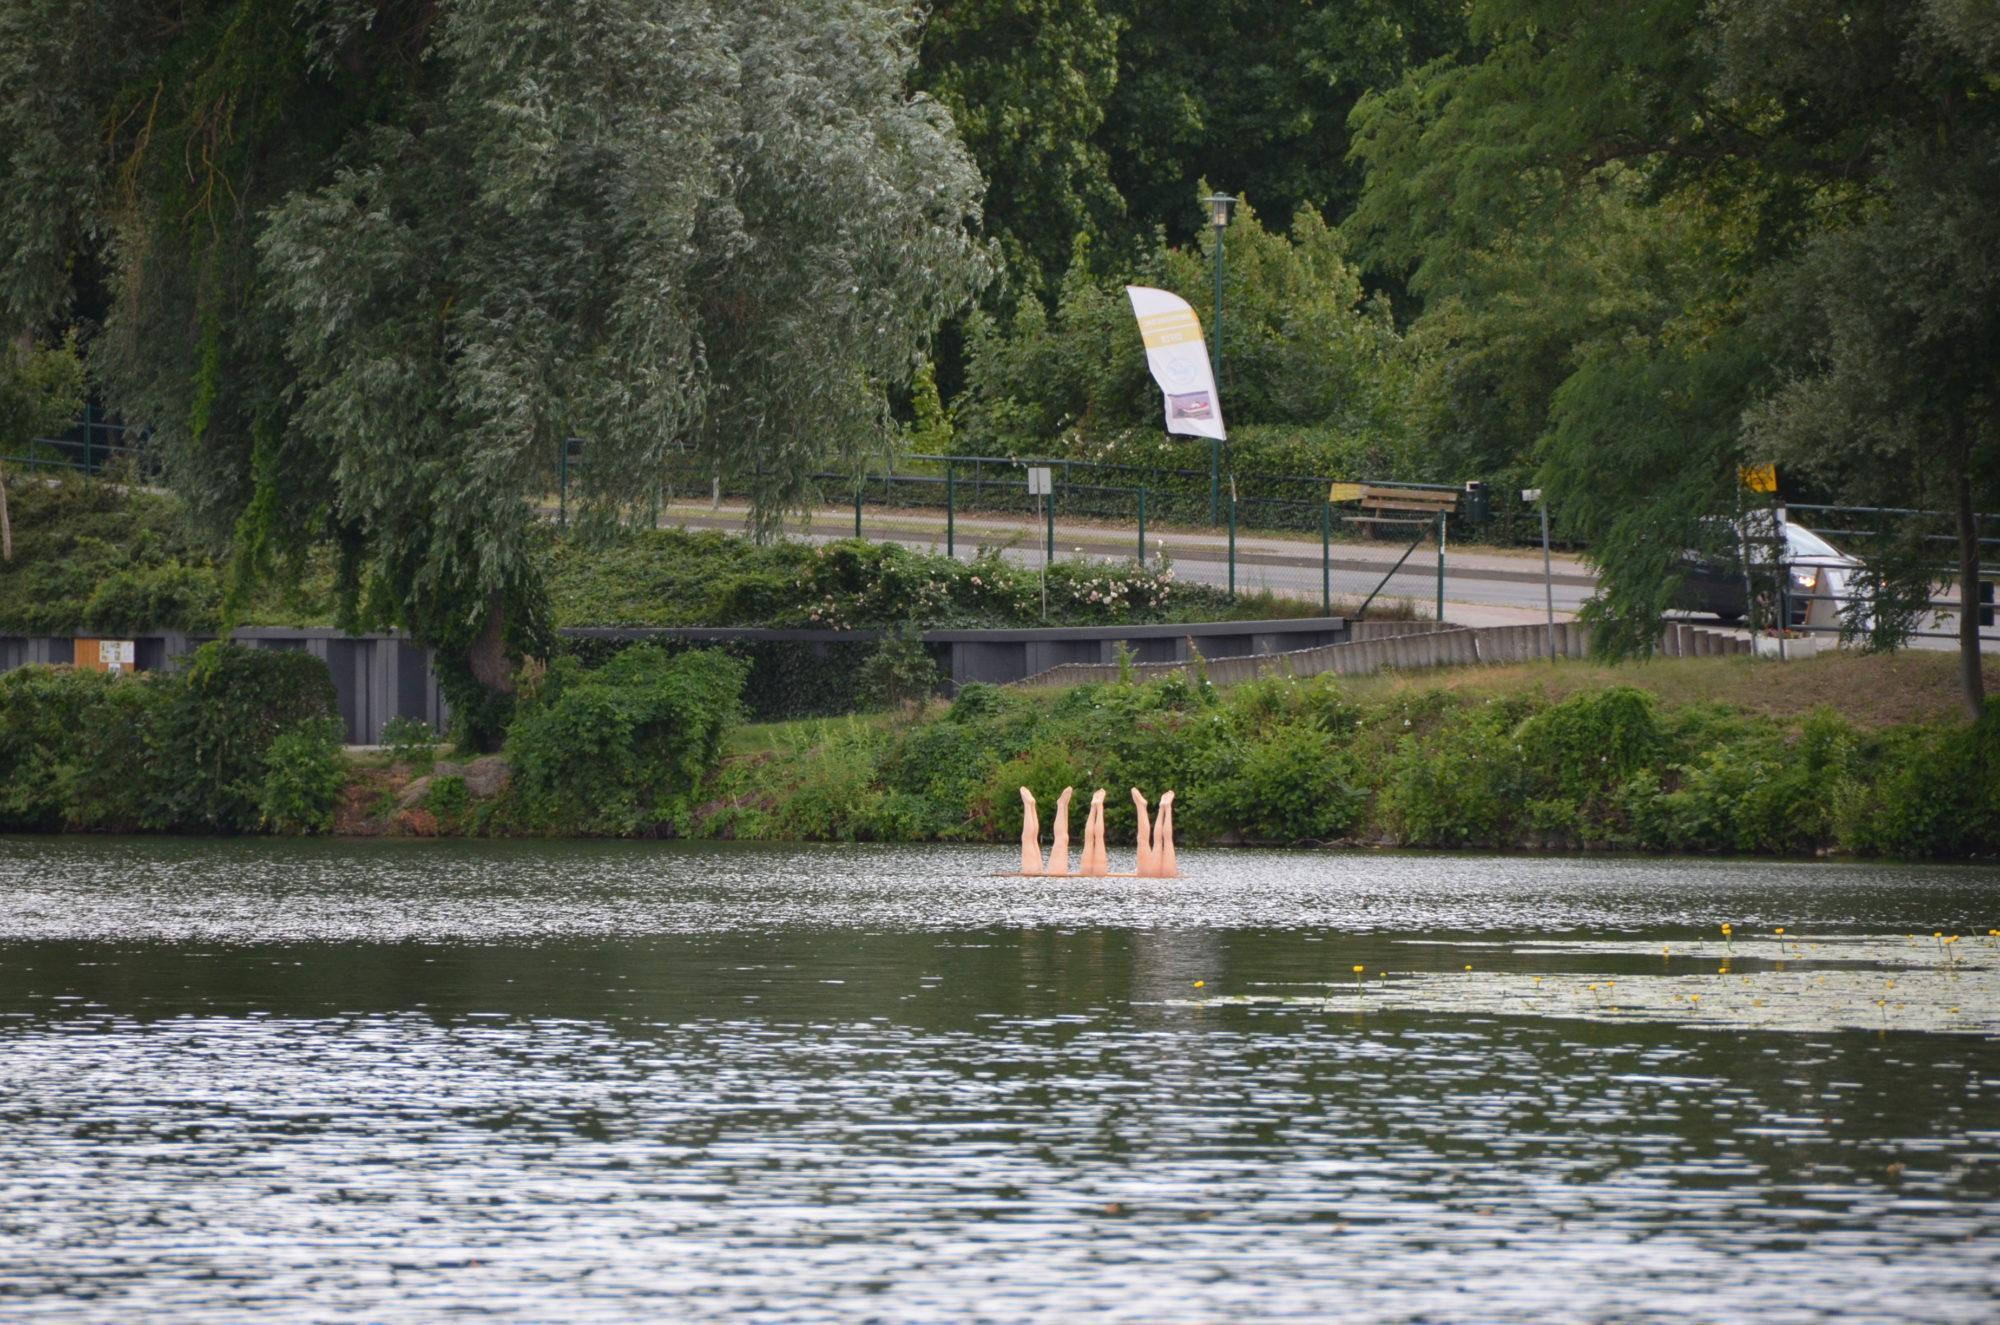 Das Kunstwerk auf dem See: vier Paar Beine ragen aus dem Wasser nach oben.